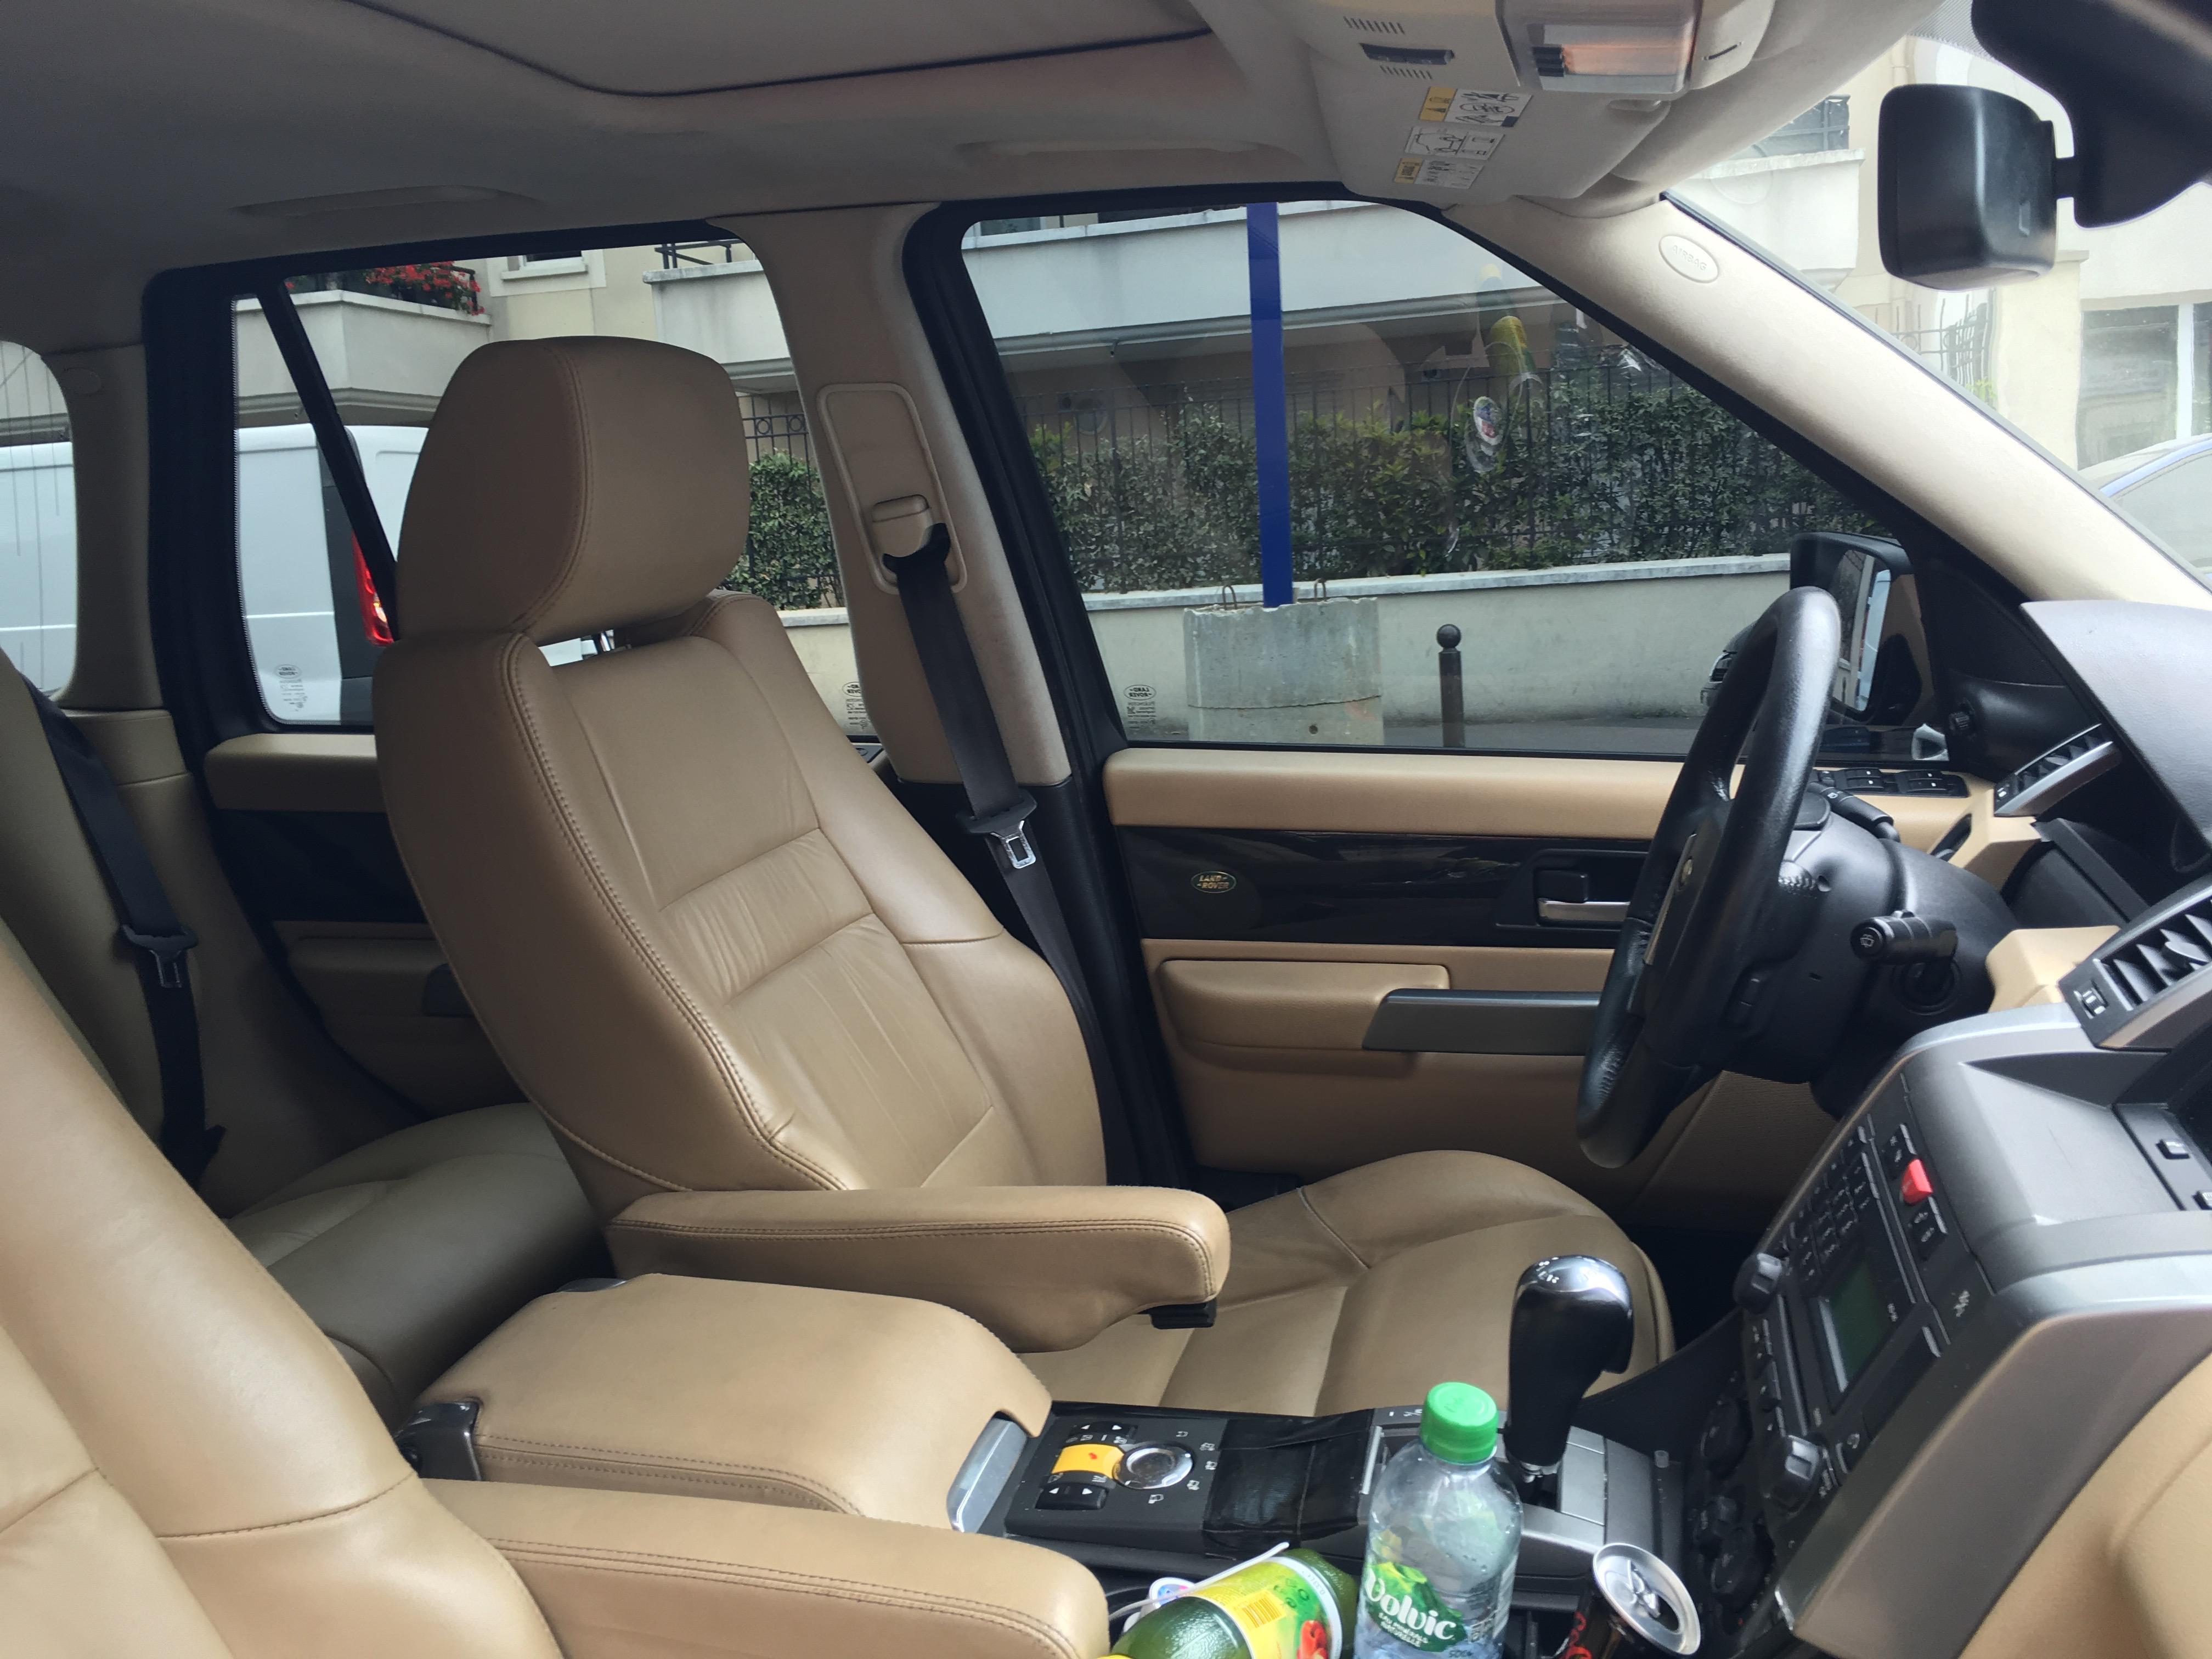 img 0064 vitre teint e automobile pose vitres teint es pour voiture autofilms sp cialise. Black Bedroom Furniture Sets. Home Design Ideas